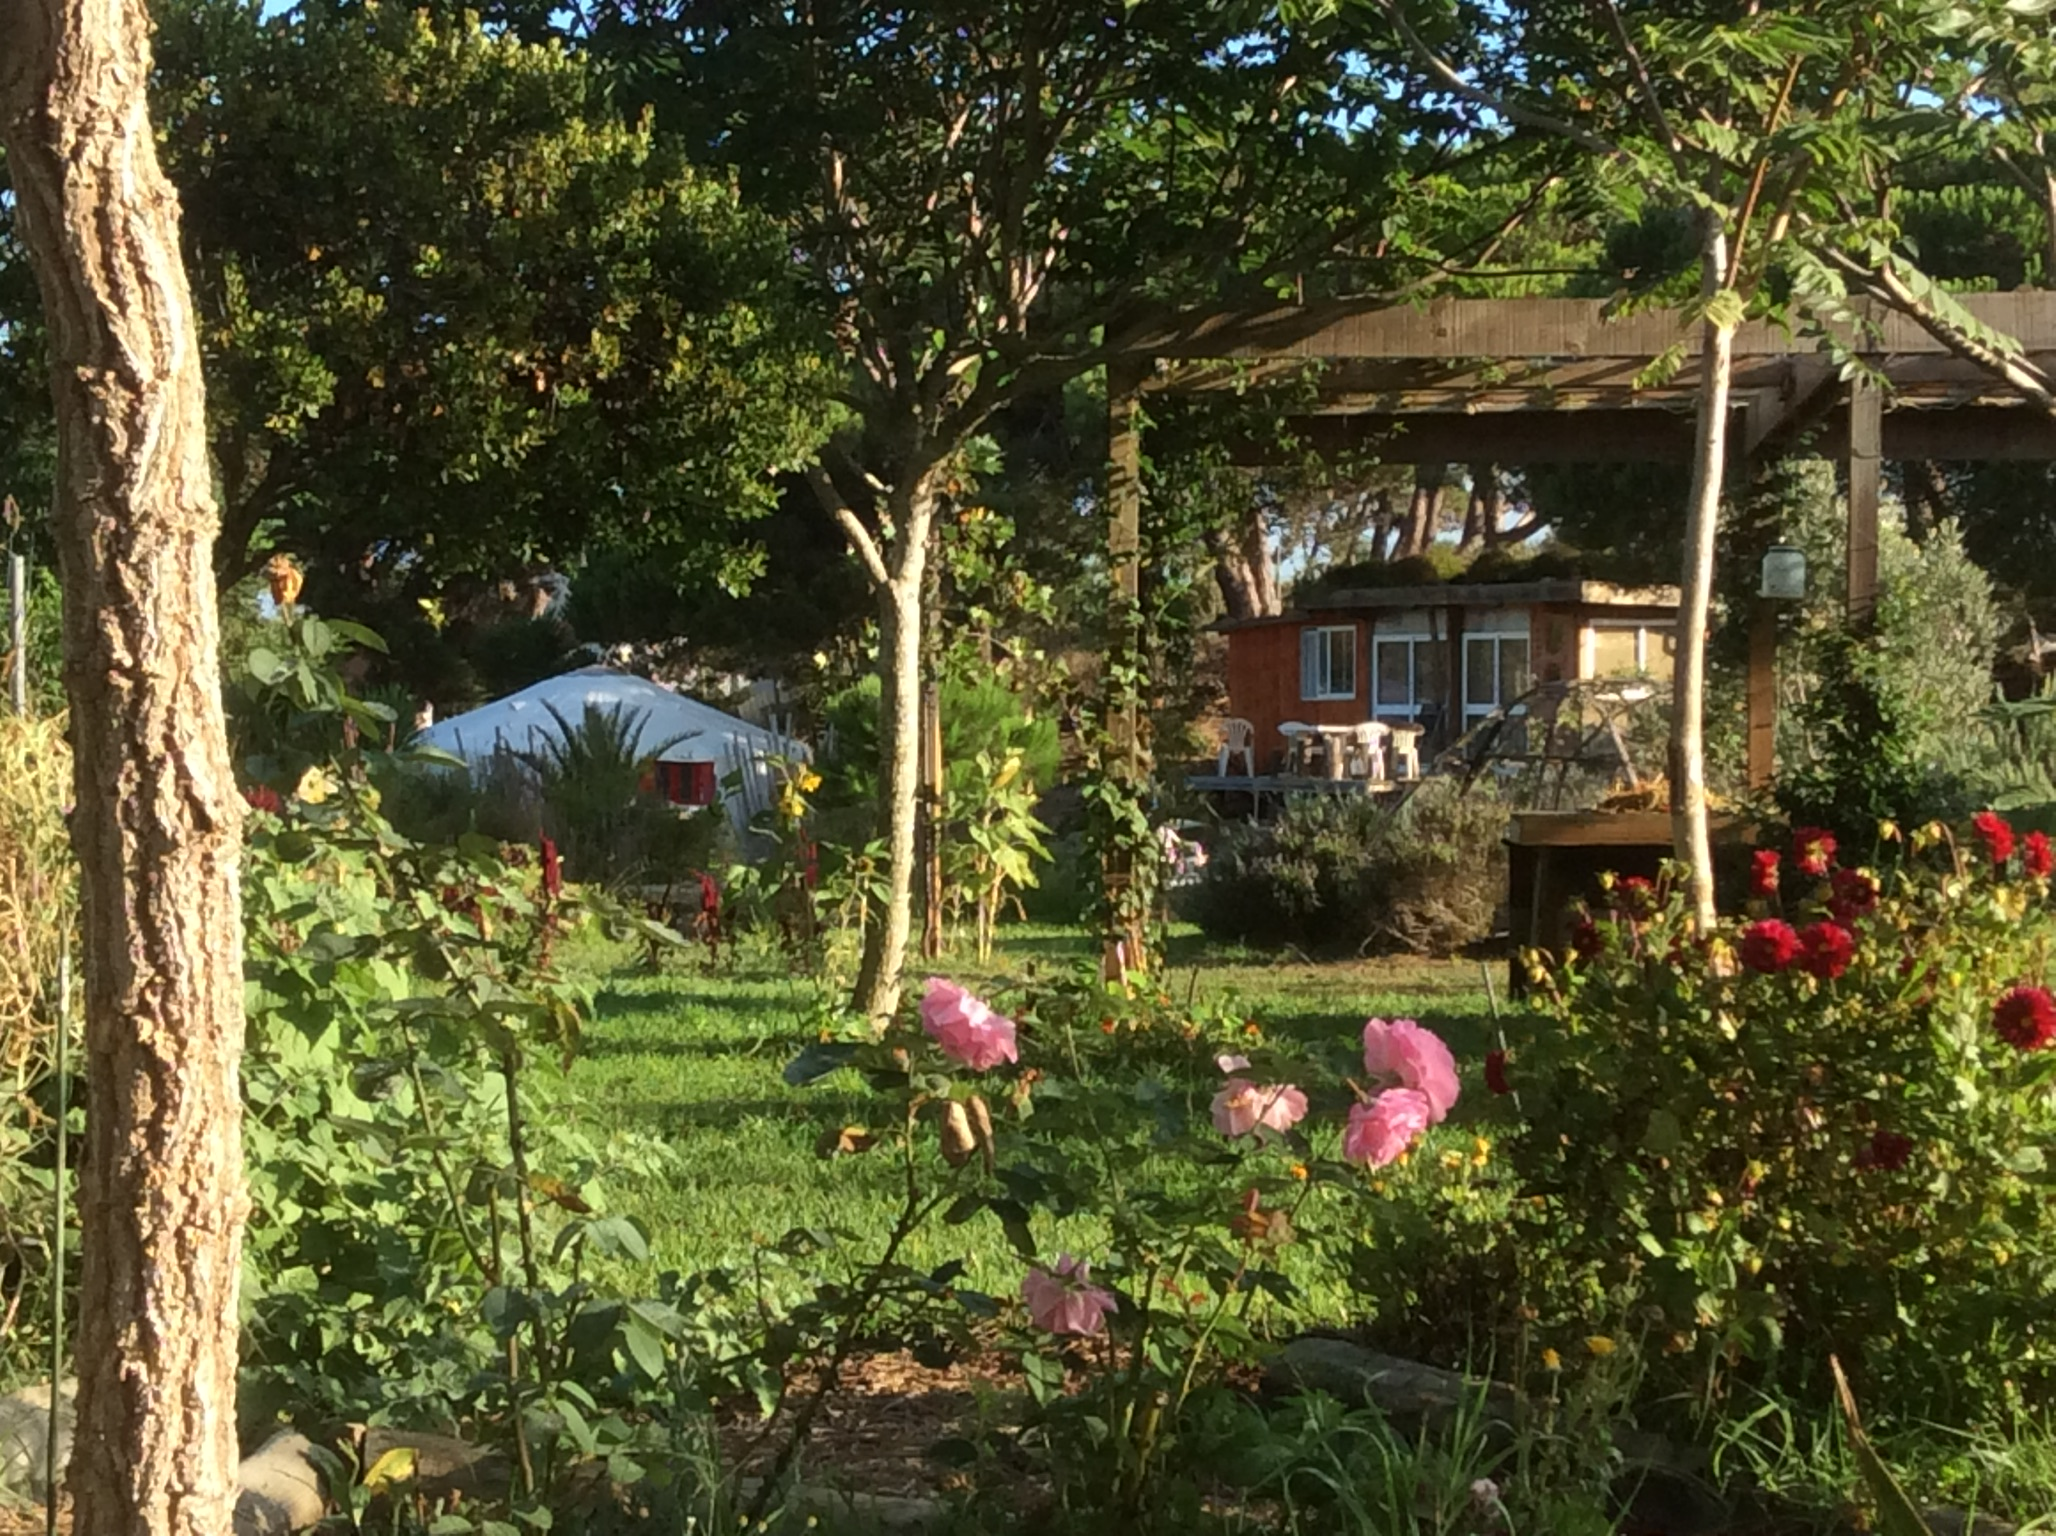 View through the rose garden